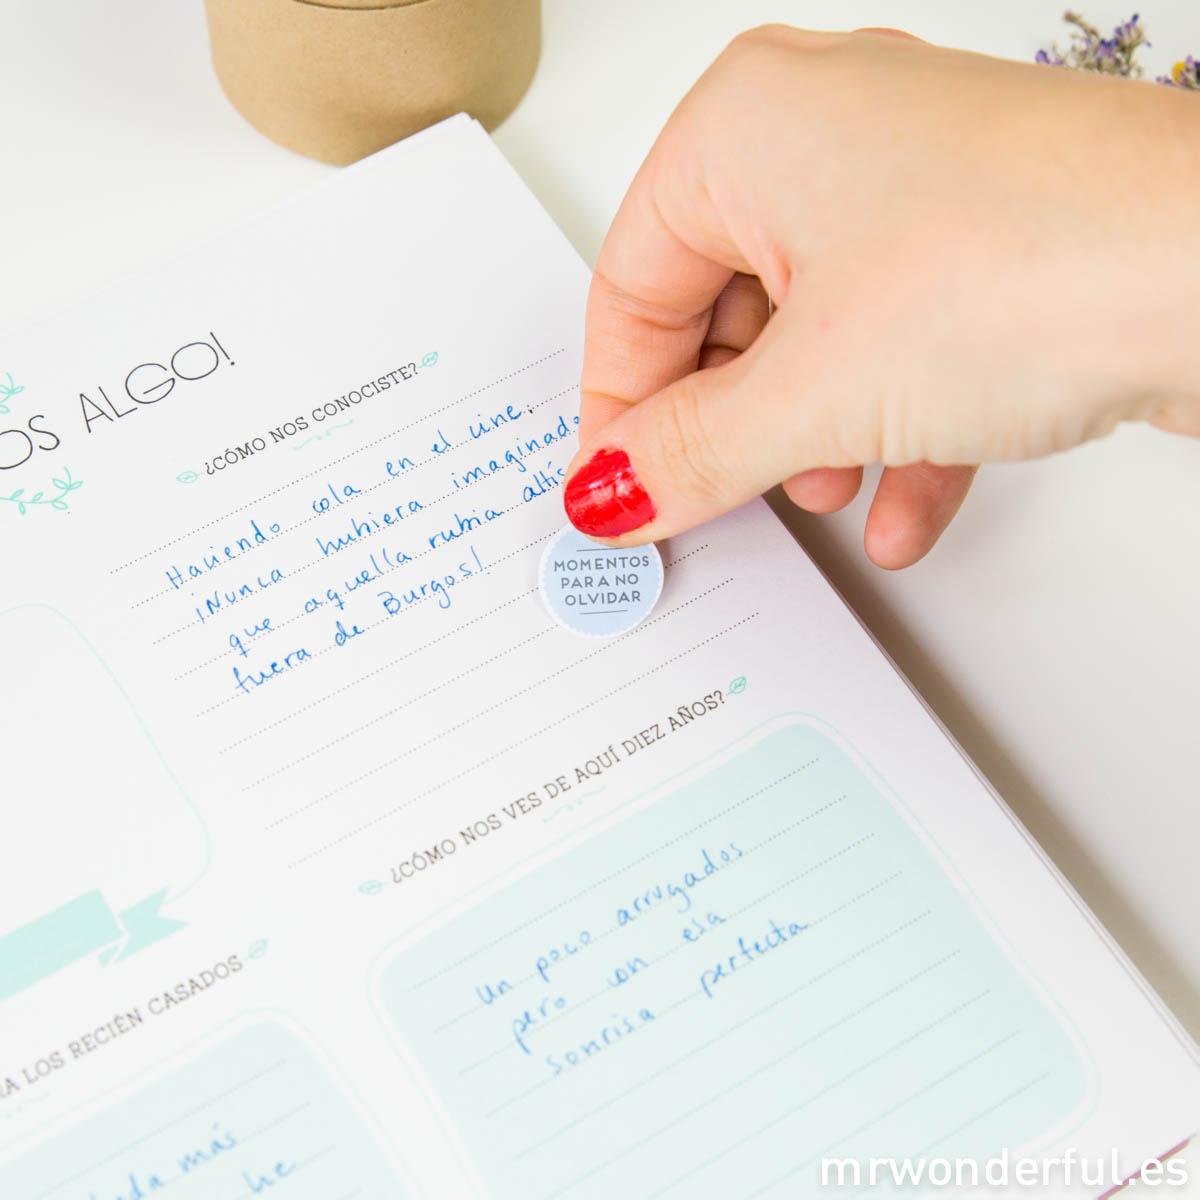 Un libro de firmas para guardar todos vuestros recuerdos y muchas novedades  más en la tienda online - muymolon